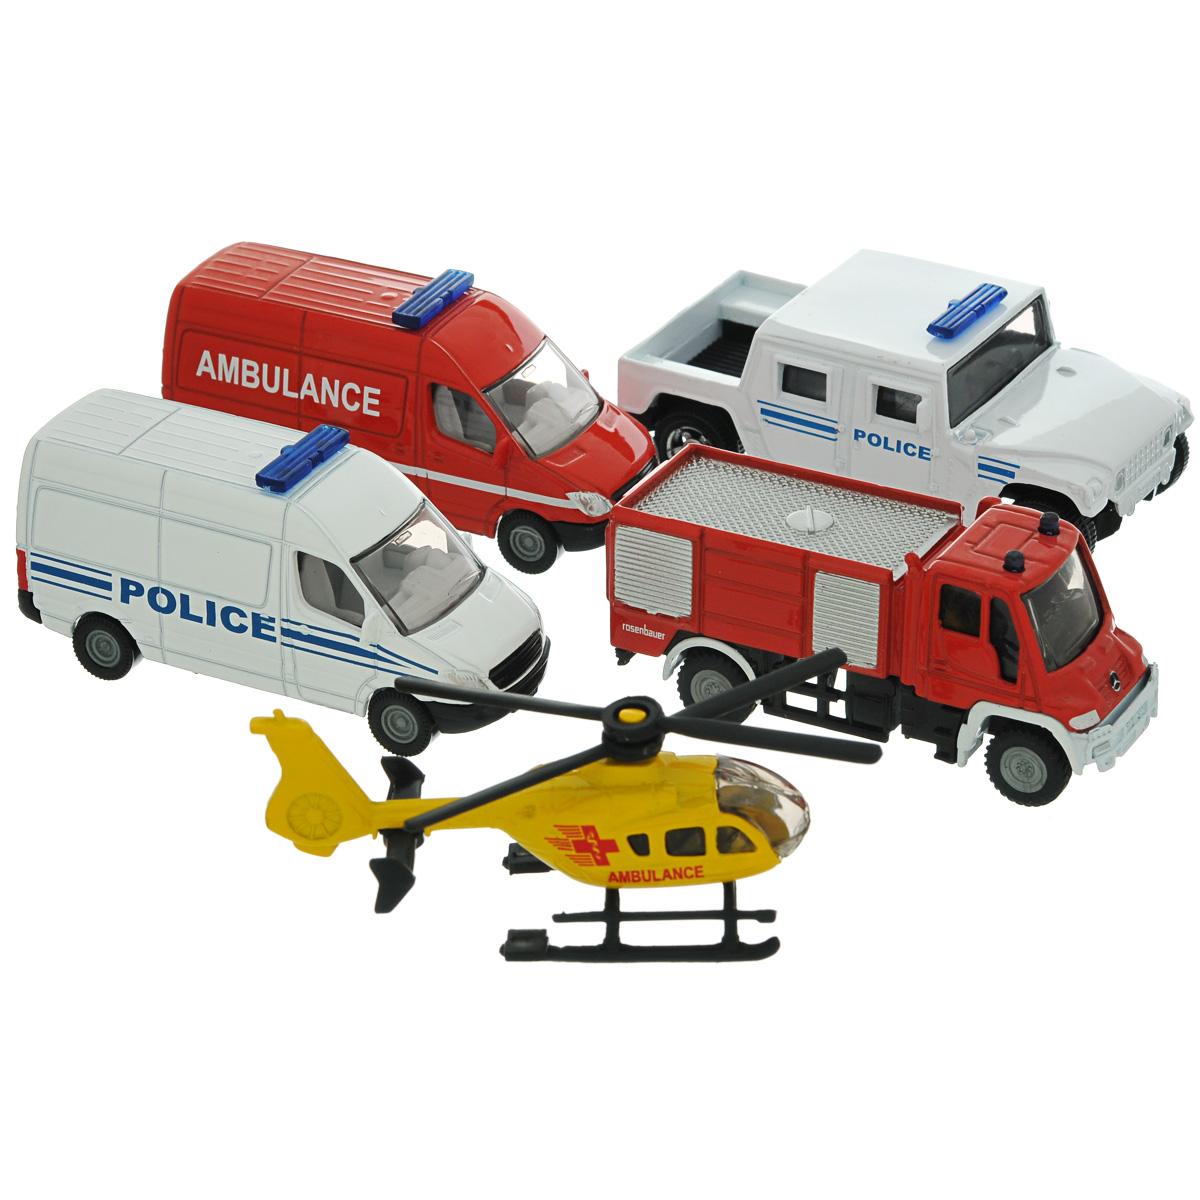 Siku Игровой набор Служба спасения игровые наборы игруша игровой набор экстренная служба